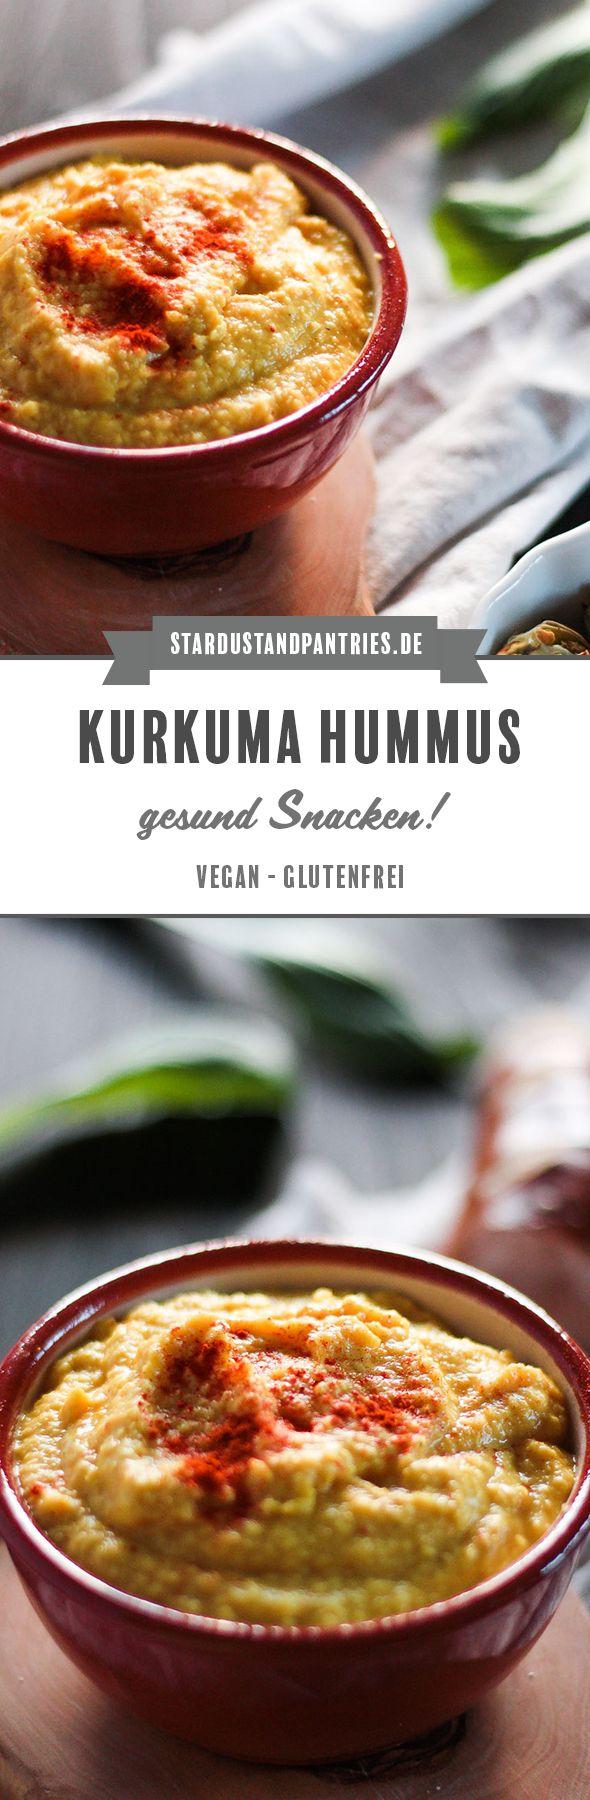 Schnelles Kurkuma Hummus als Dip zu Gemüse und als Brotaufstrich. Kurkuma Hummus ist von Natur aus glutenfrei und vegan. Ein gesunder Snack für den Hunger Zwischendurch oder für's Büro! #Snack #Hummus #Kurkuma #Gesund